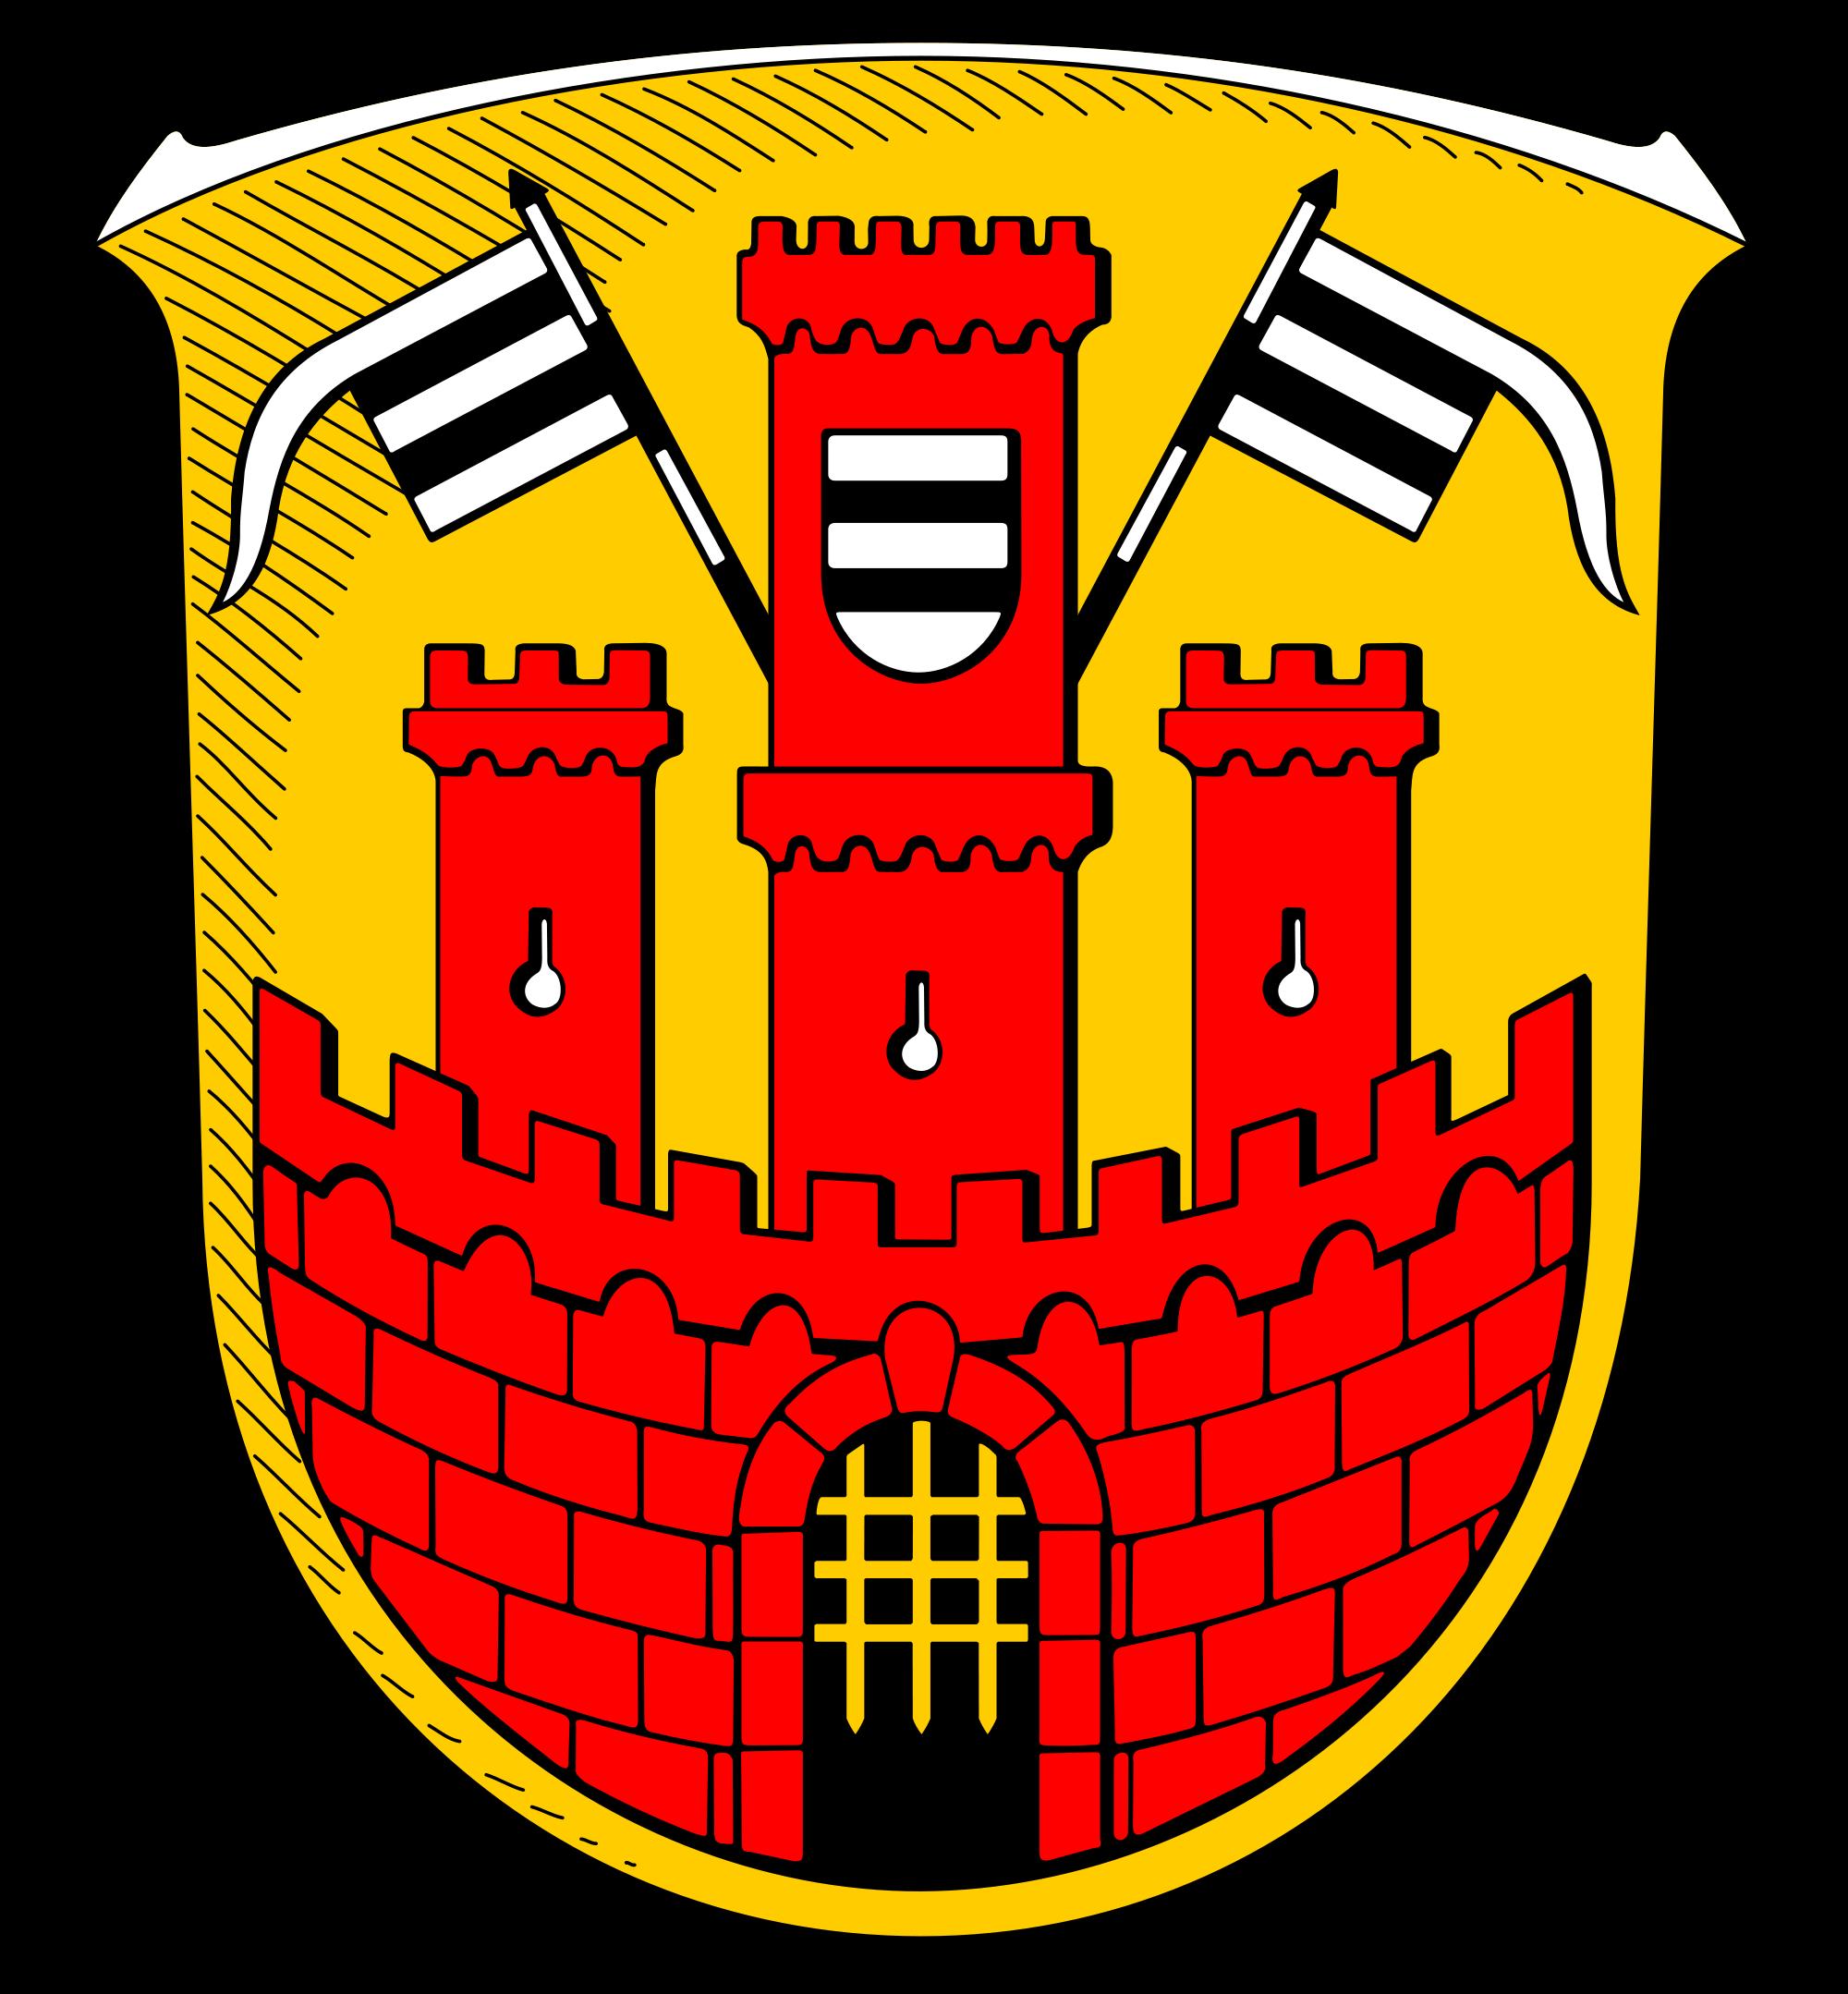 File:Wappen Buedingen Hessen.svg.